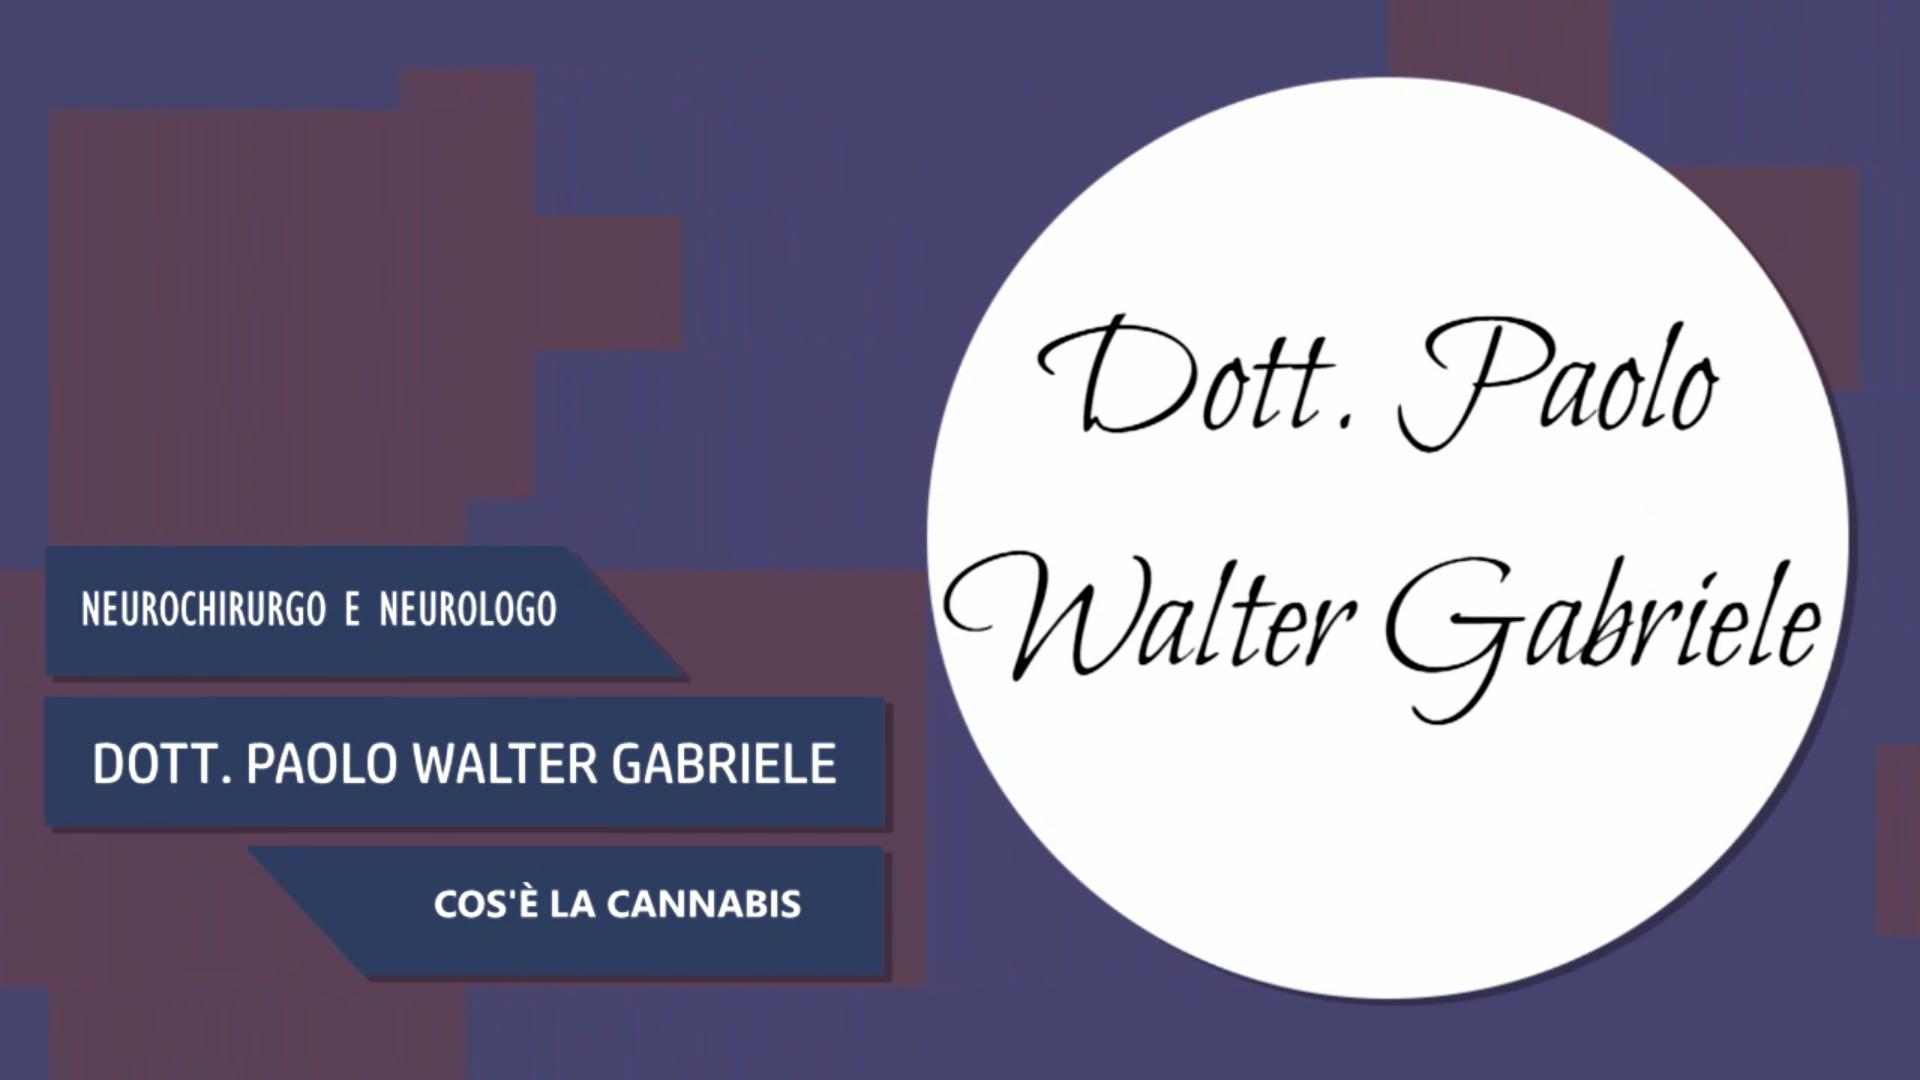 Intervista al Dott. Paolo Walter Gabriele – Cos'è la Cannabis